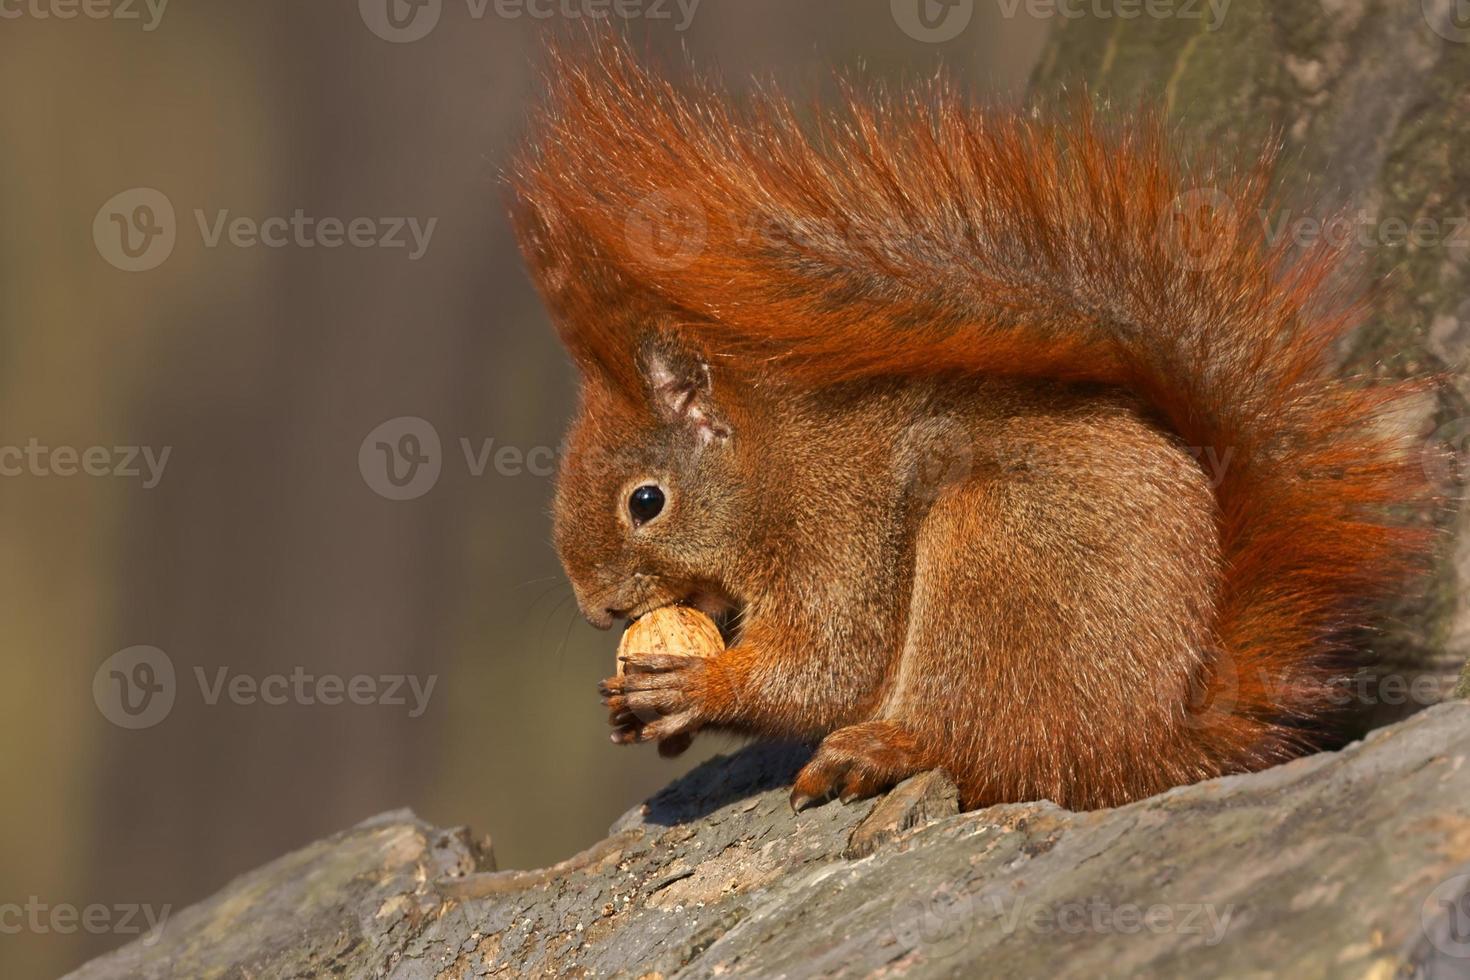 écureuil roux (sciurus vulgaris) manger des noix photo